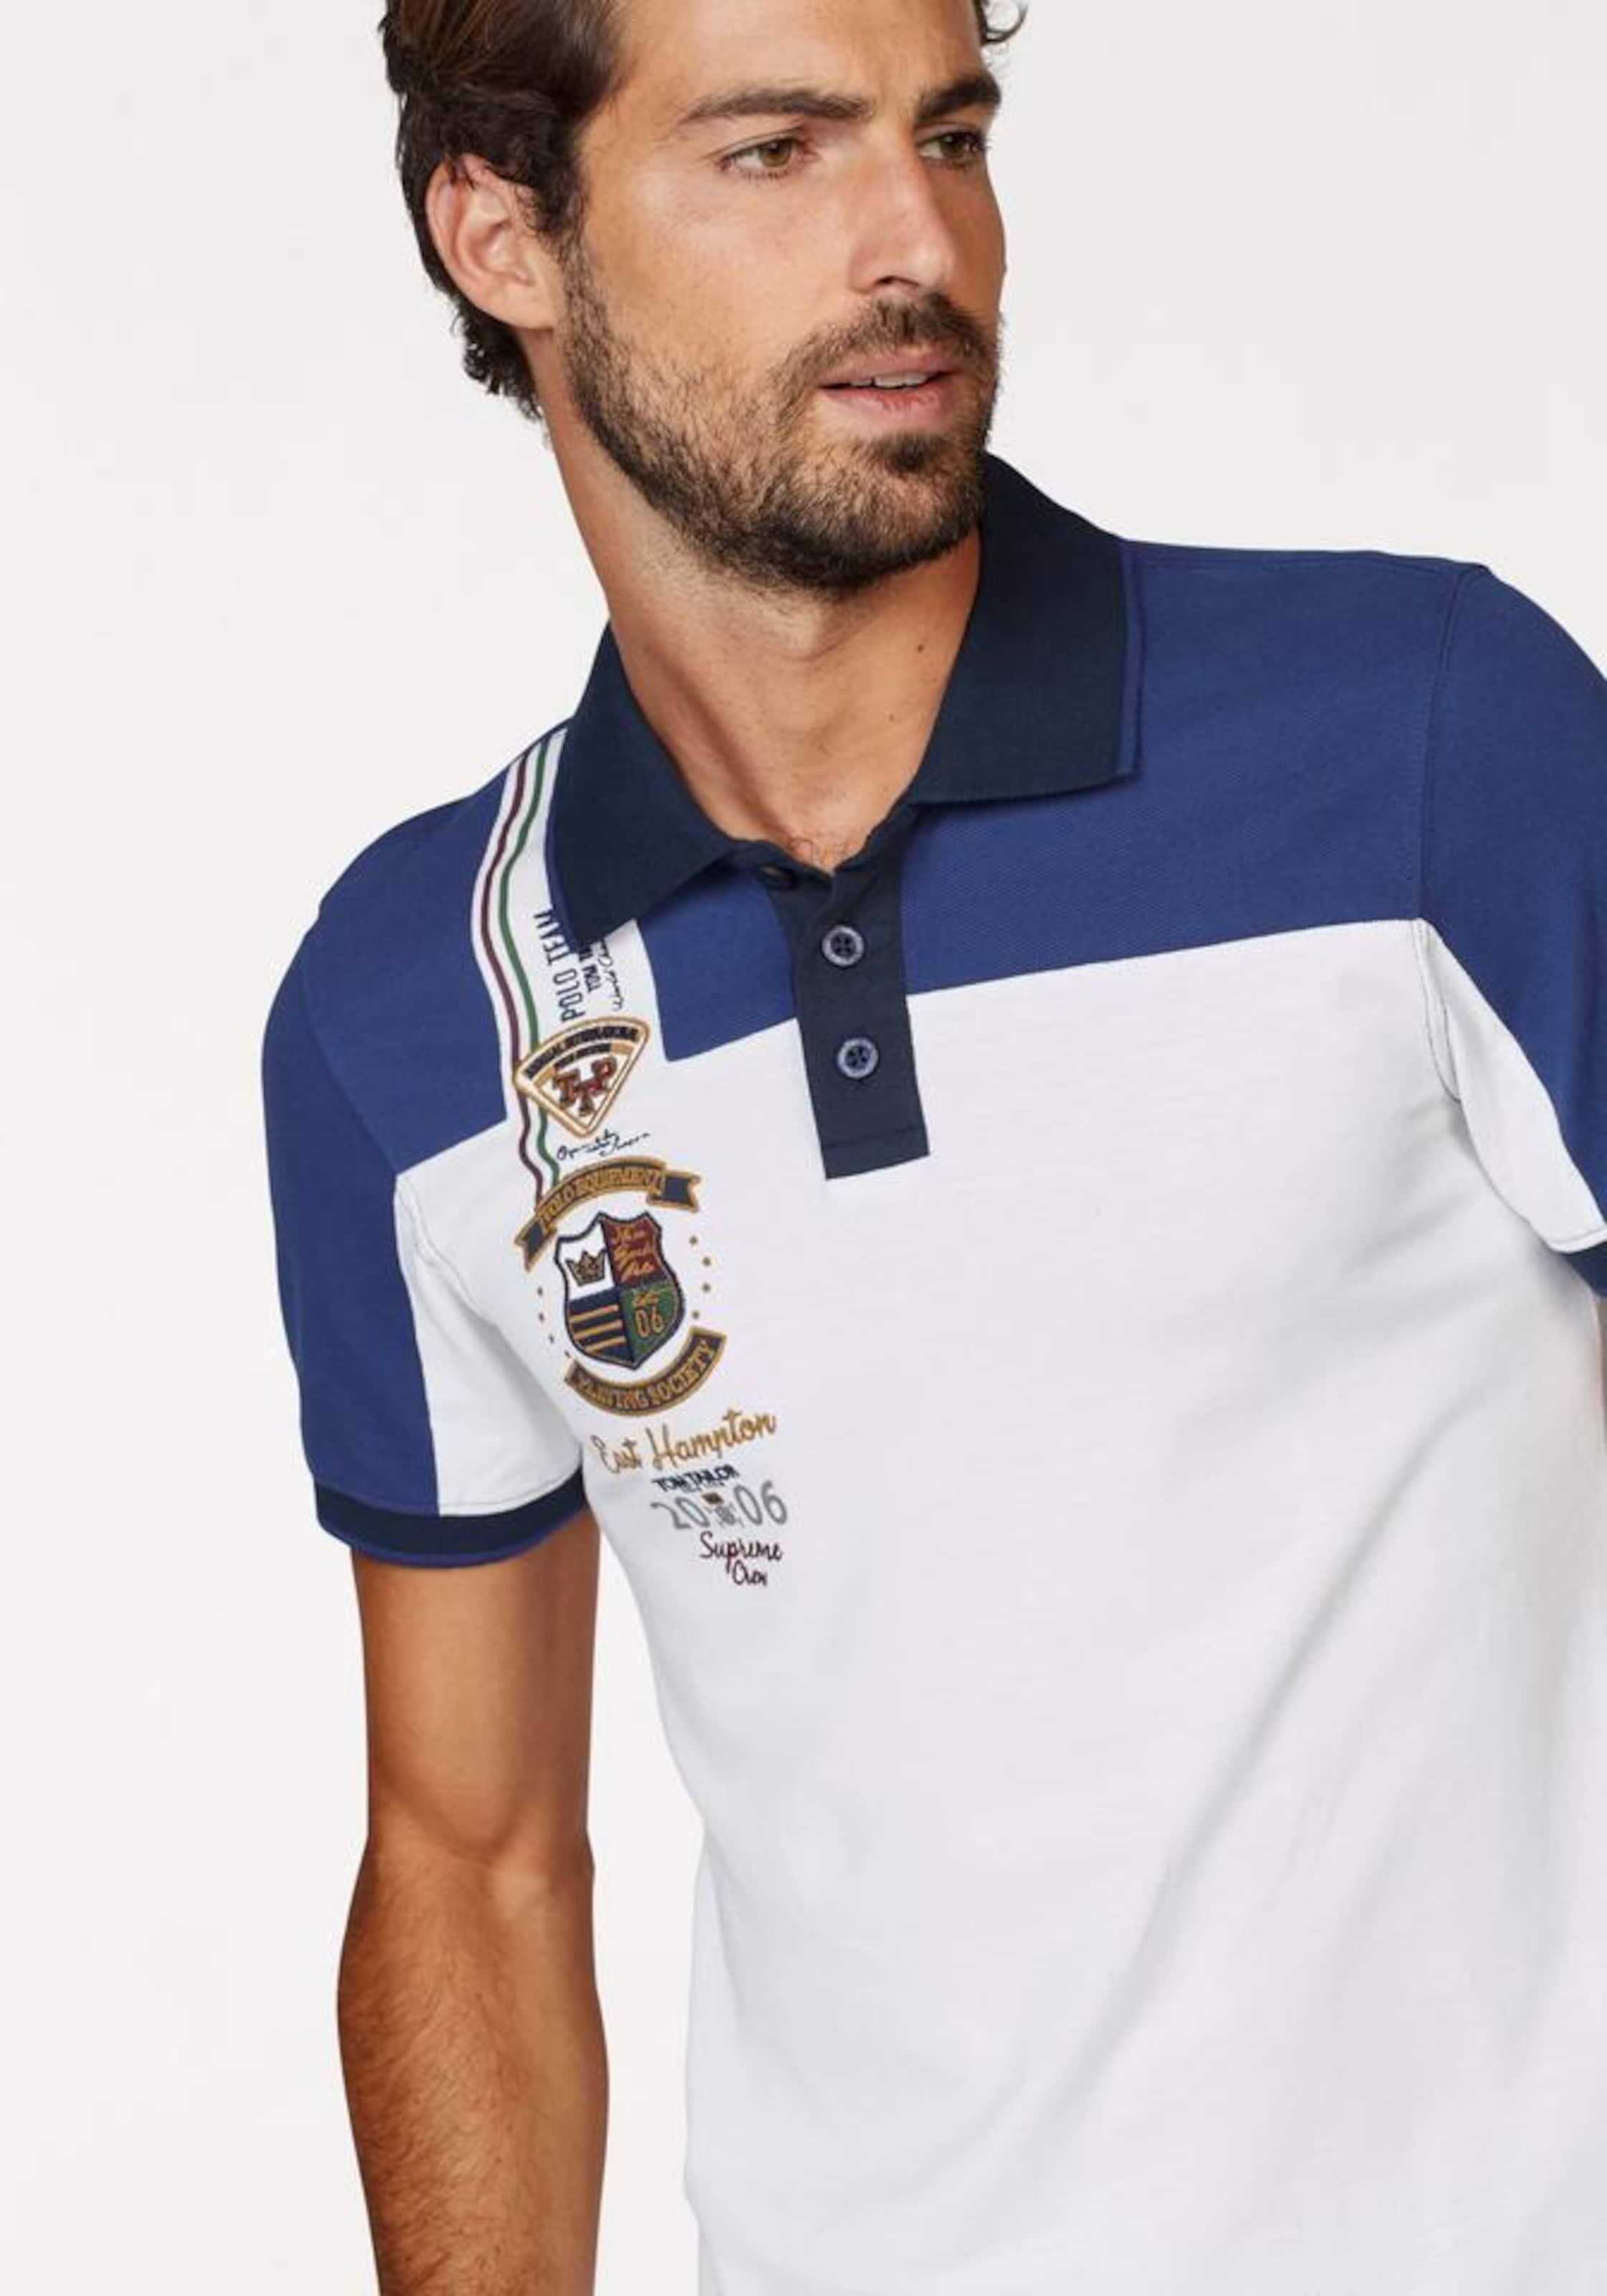 Tom Tailor Polo Team Poloshirt Rabattgutscheine Online Ptf803BW